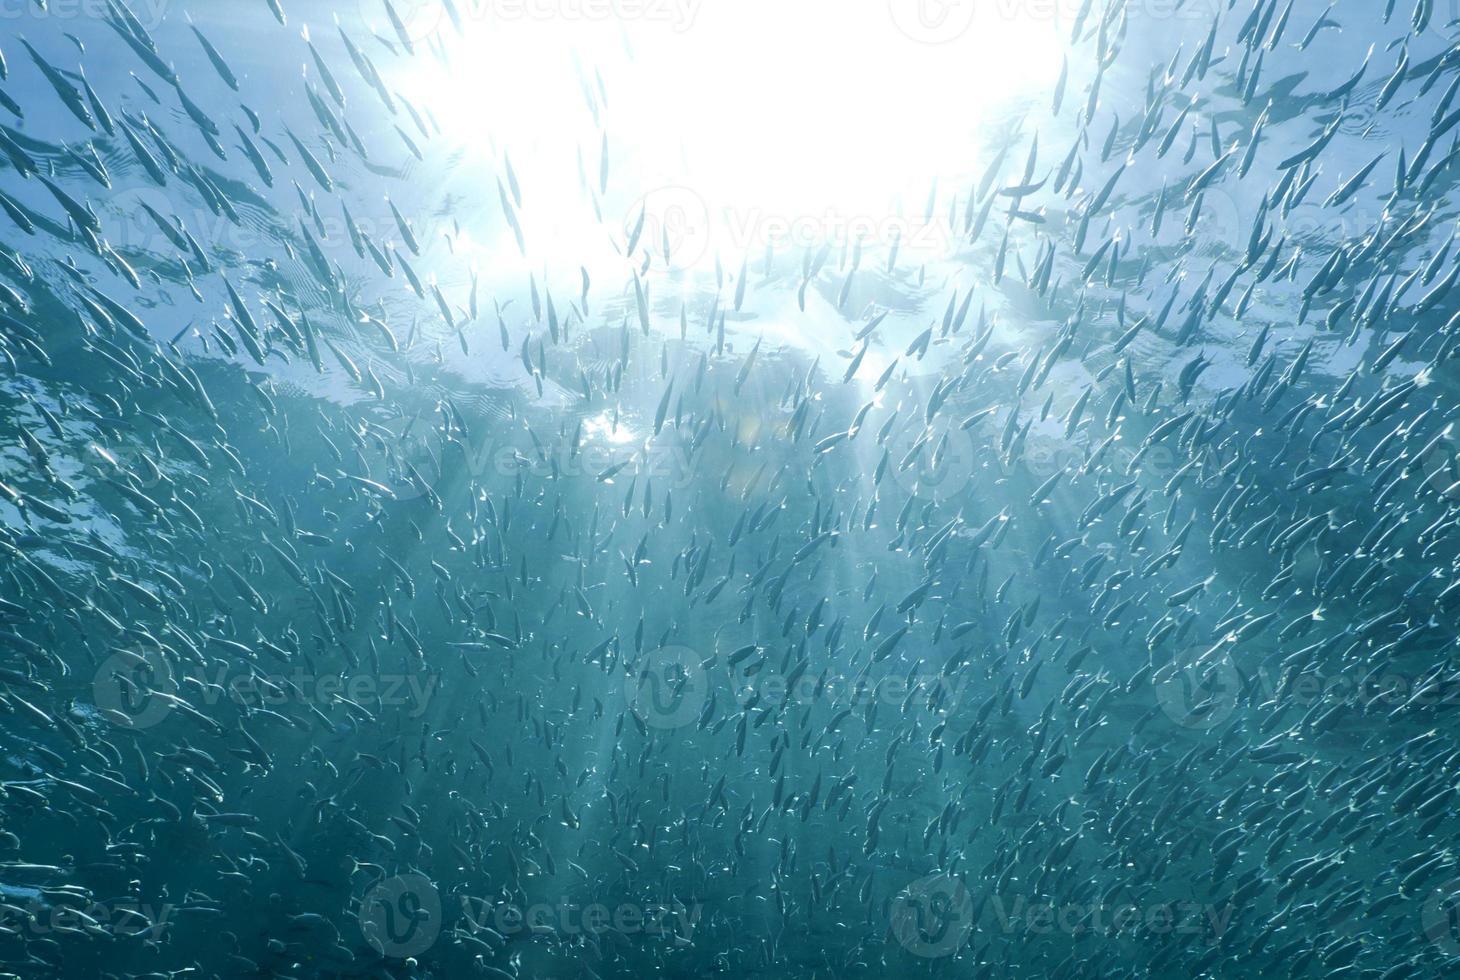 rayos de sol brillando a través de un banco de peces foto